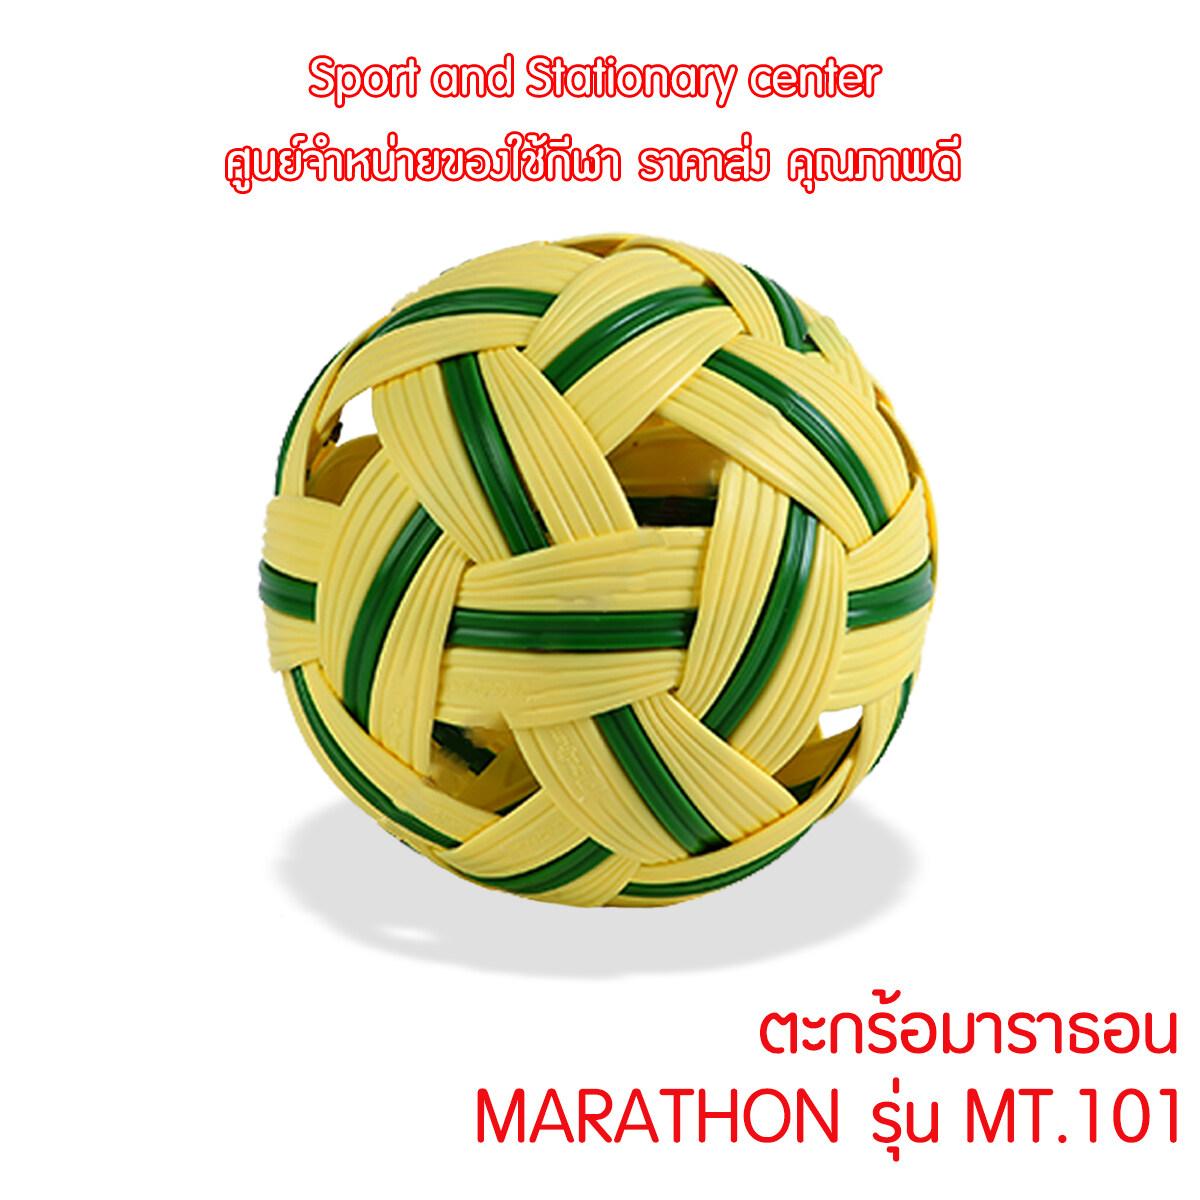 ลูก ตะกร้อ มาราธอน Marathon ครบทุกรุ่น คุณภาพอย่างดี มีทั้งหมด 7 รุ่นยอดฮิต MT 101/ MT 102 /MT 201 /MT 201J /MT 301 /MT 908 /MT 909